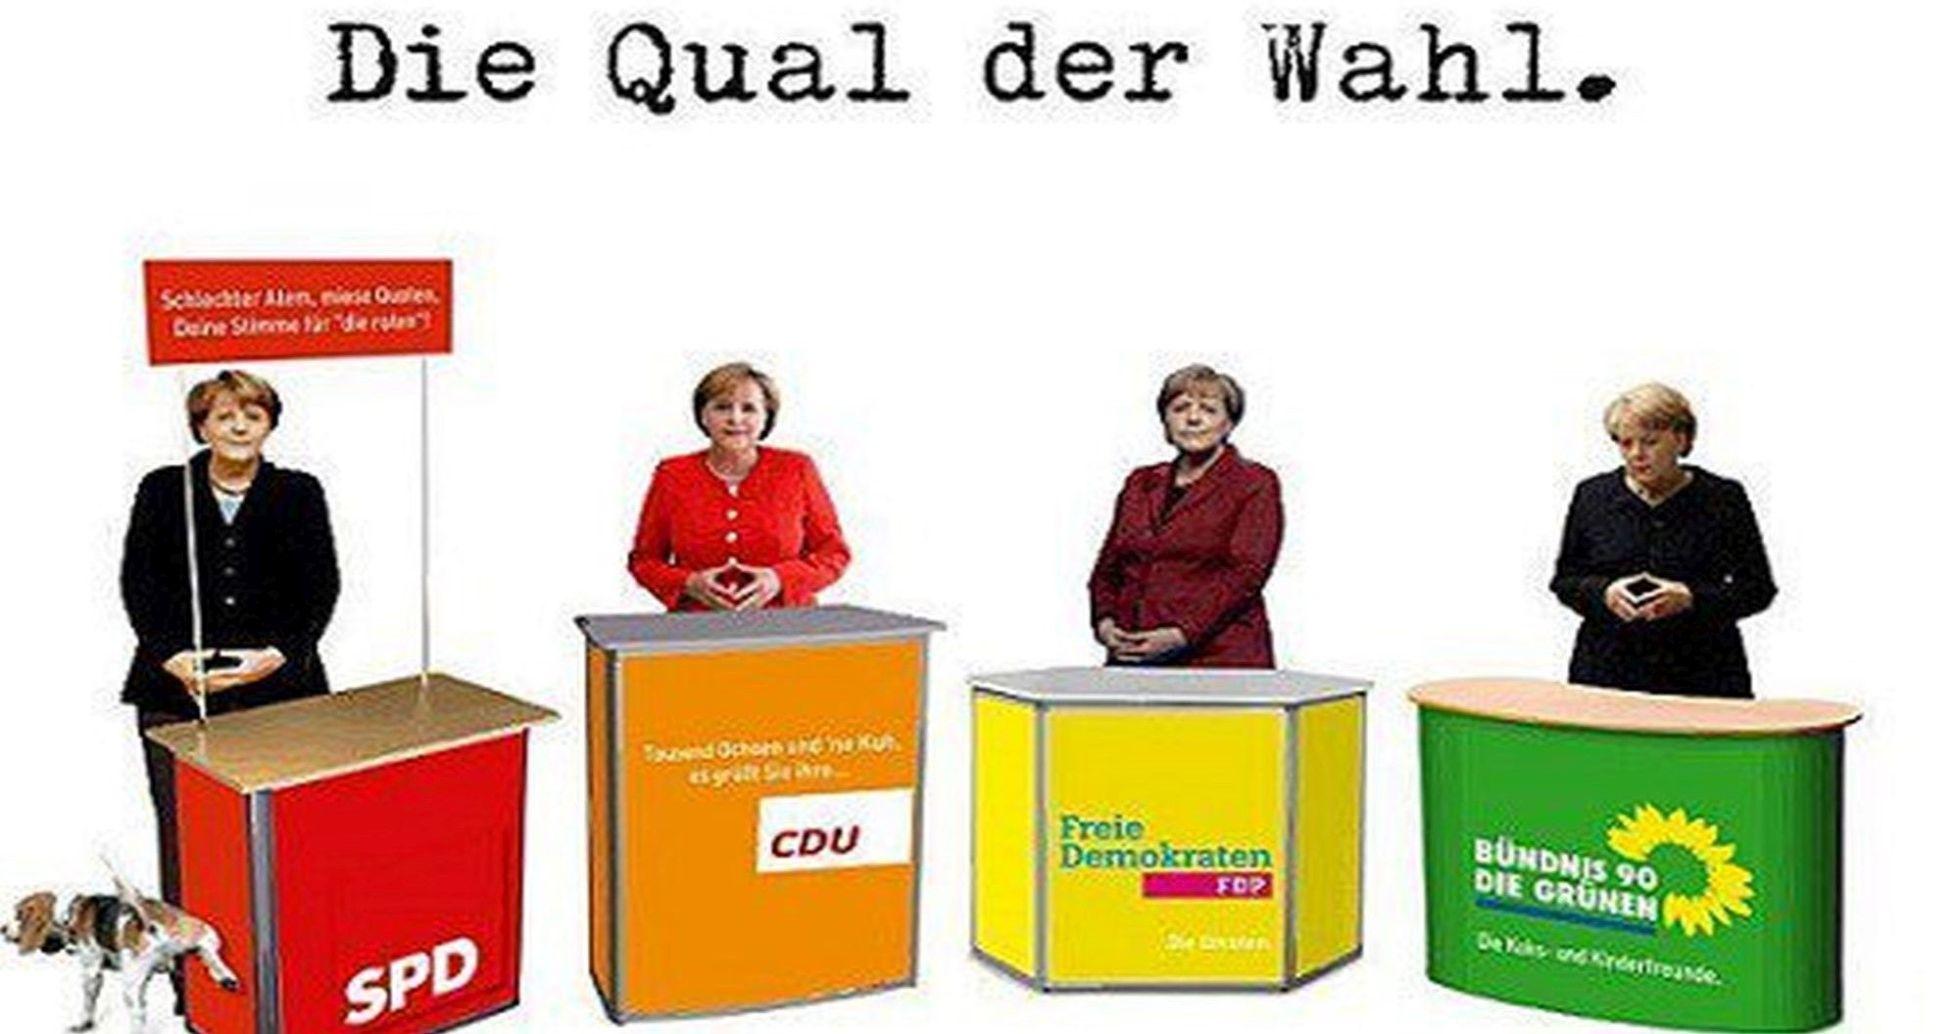 Lieber deutscher Schlafmichel, wählst Du dieses Mal wieder mal mit IM Erika, genannt Das Merkel deinen endgültigen Untergang oder denkst Du über eine Alternative nach…2017 ist dein Schicksalsjahr!!!